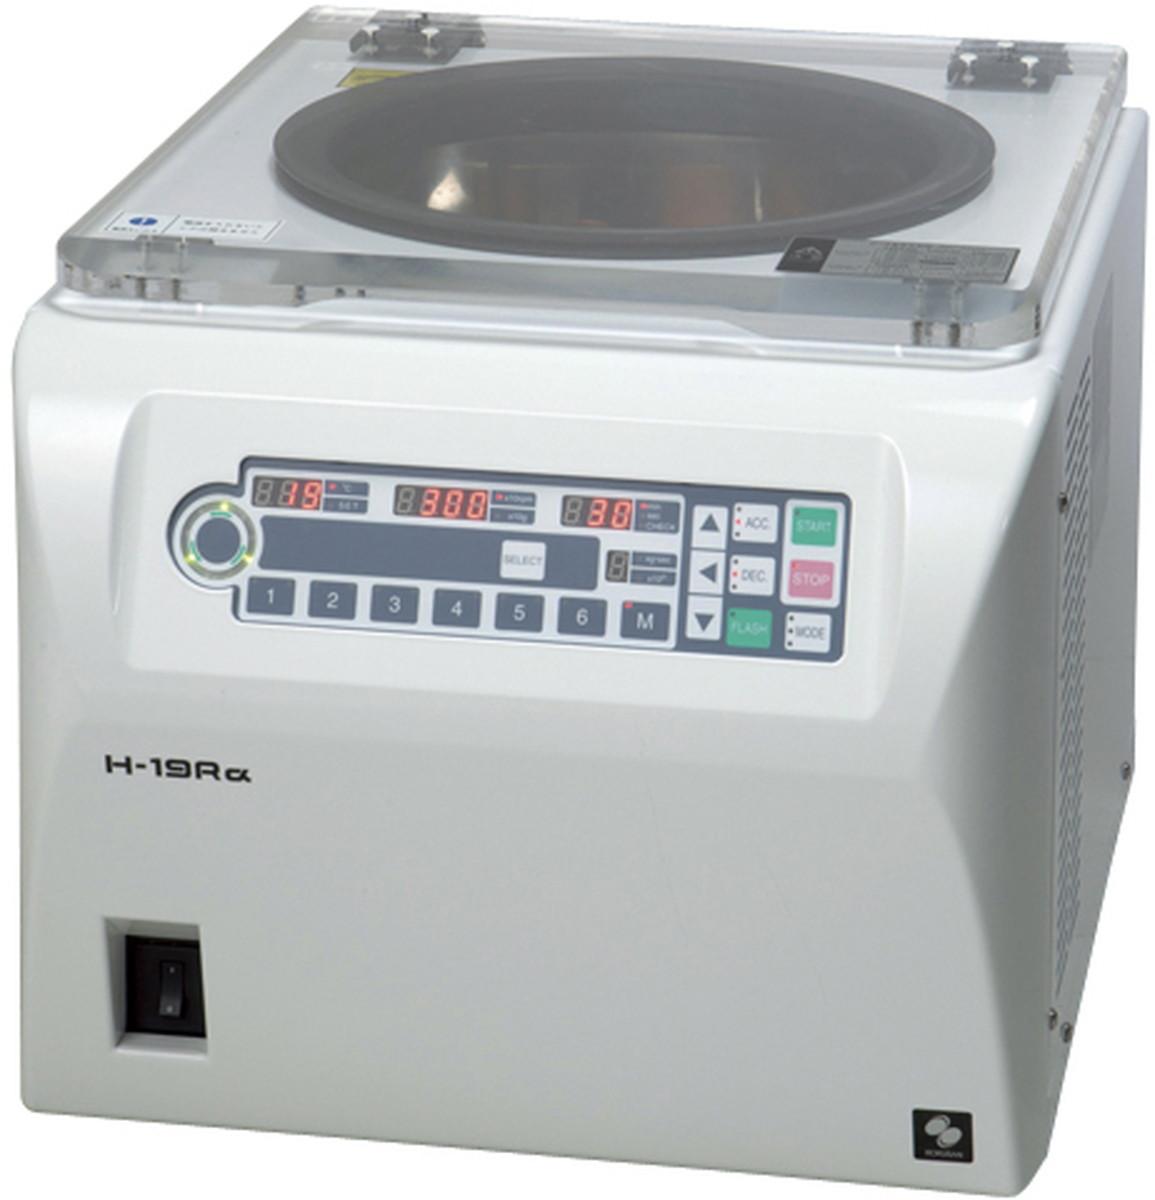 【送料無料】-冷却遠心機(卓上型)本体のみ H-19Rアルファ 品番 my24-6891-00-- 1入り-【MY医科器機】